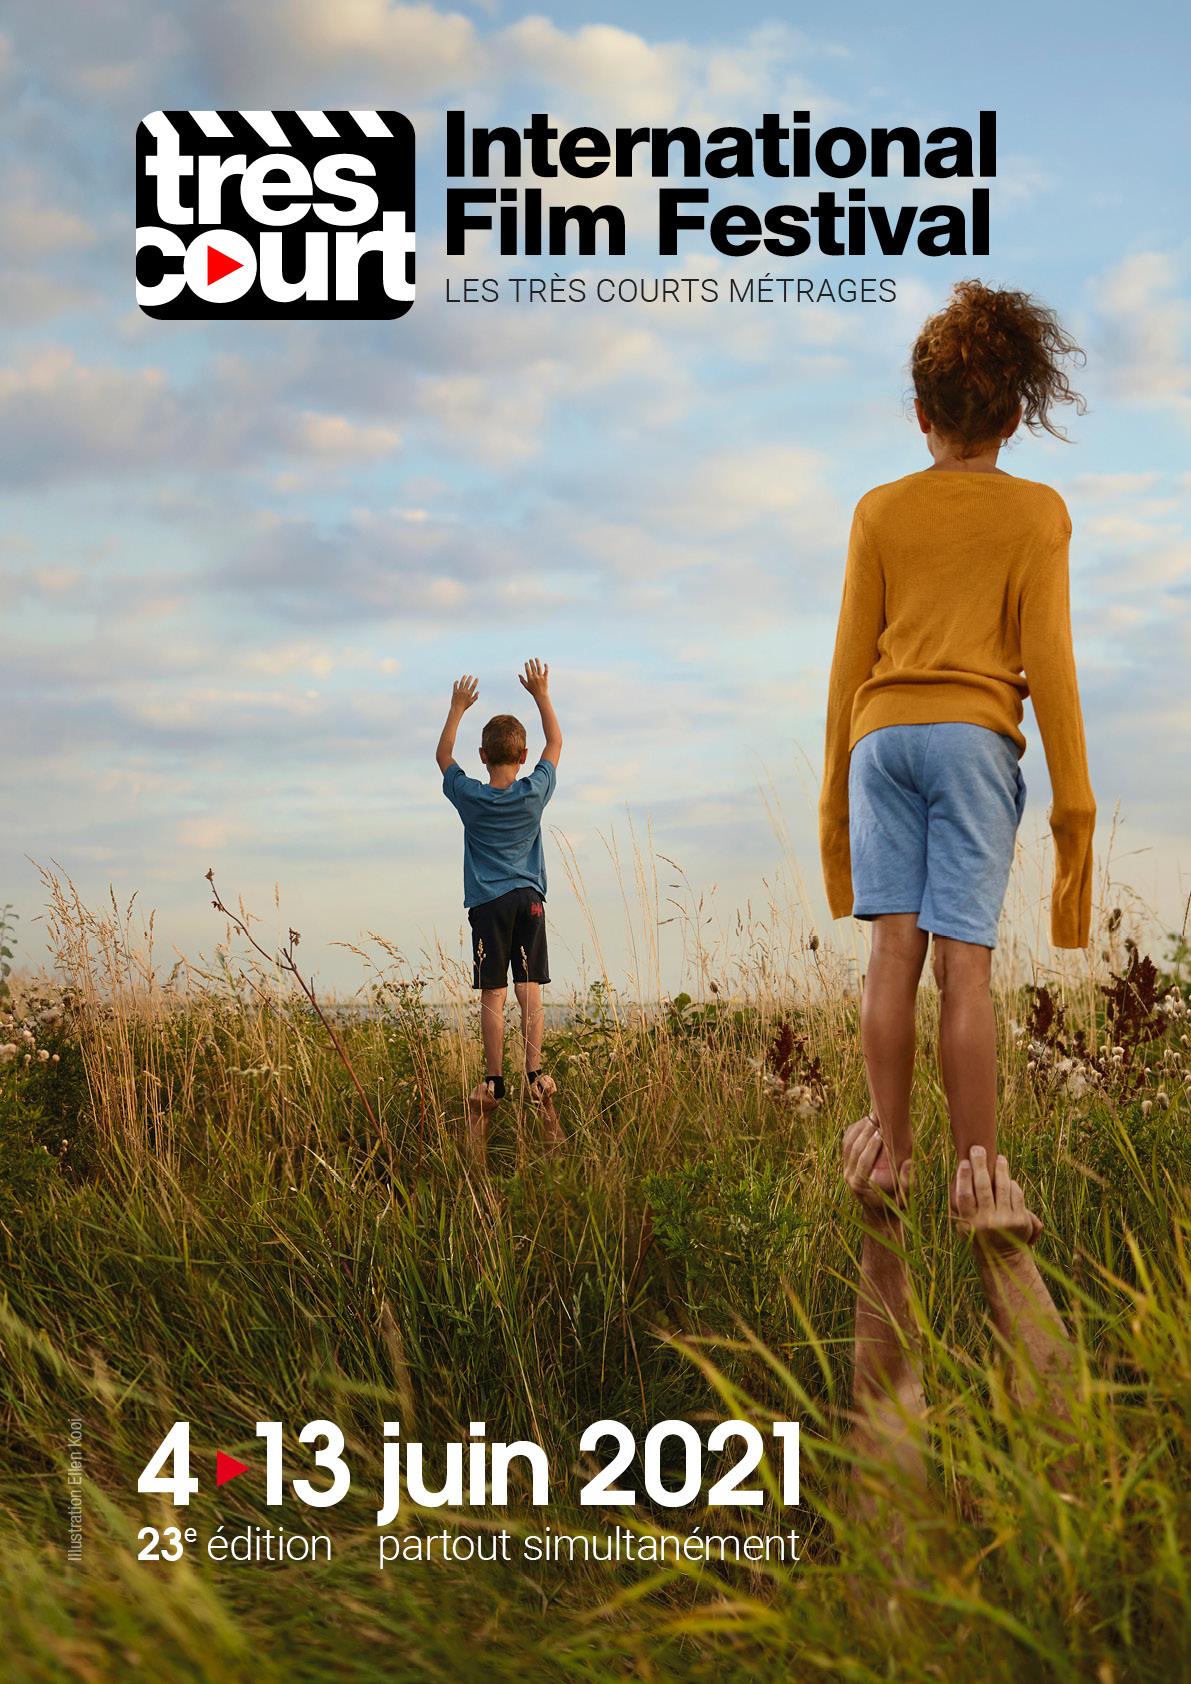 Affiche du très court international film festival